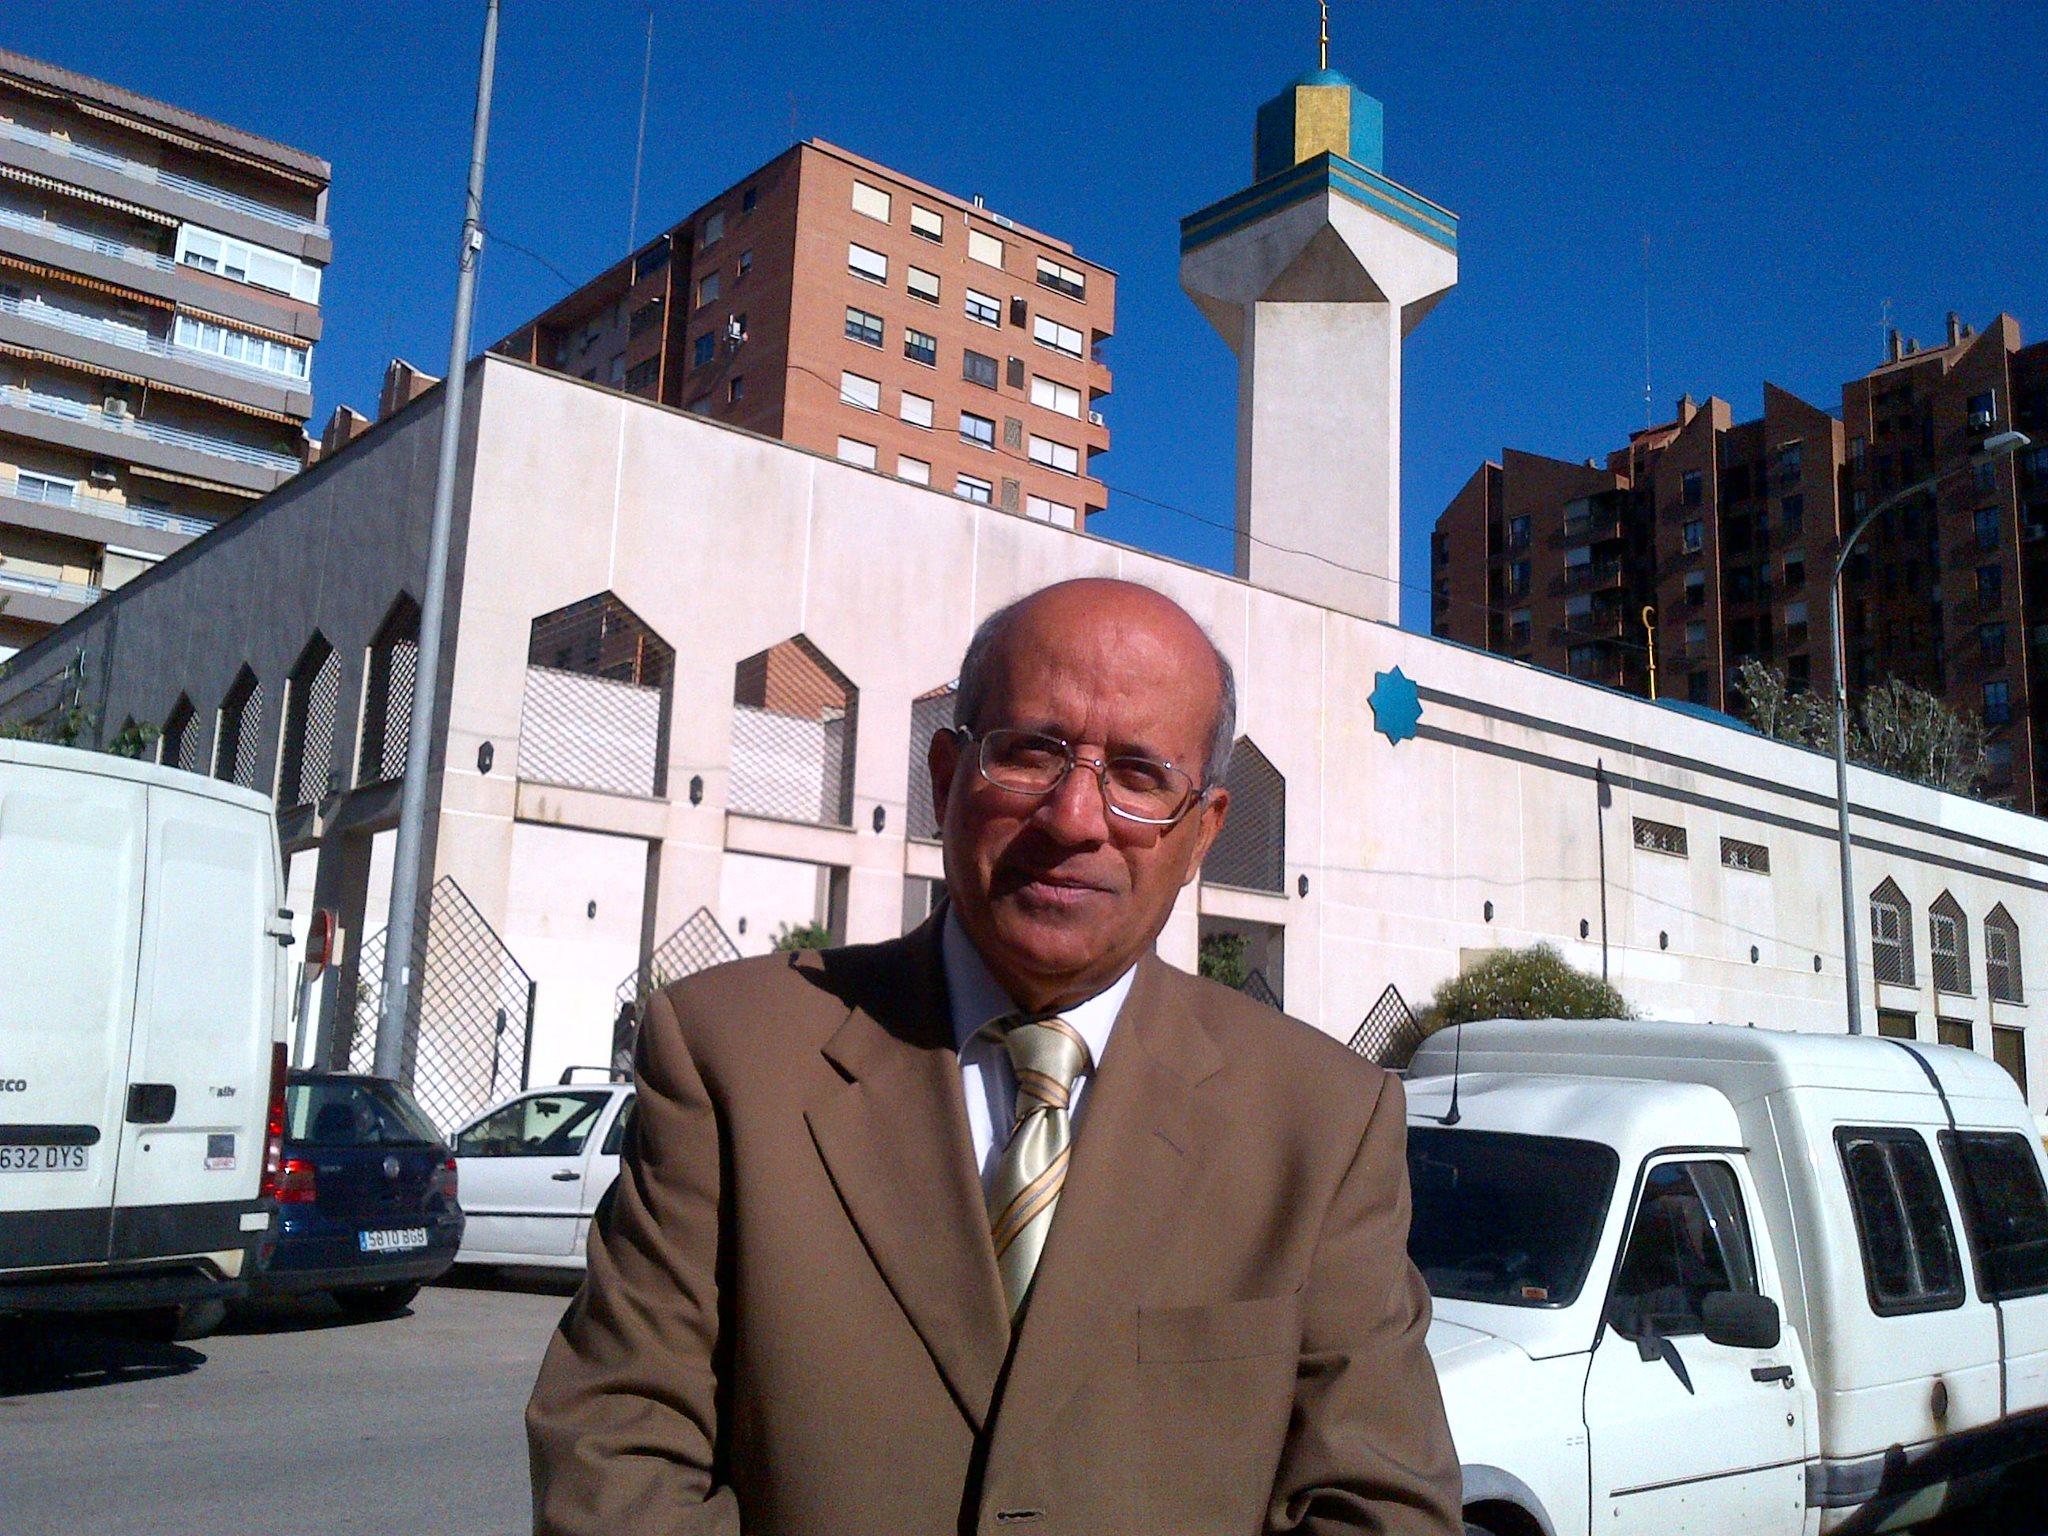 ألأسلام في اسبانيا في هذه الأيام – يوم الجمعه 12 —  نوفمبر — 2012